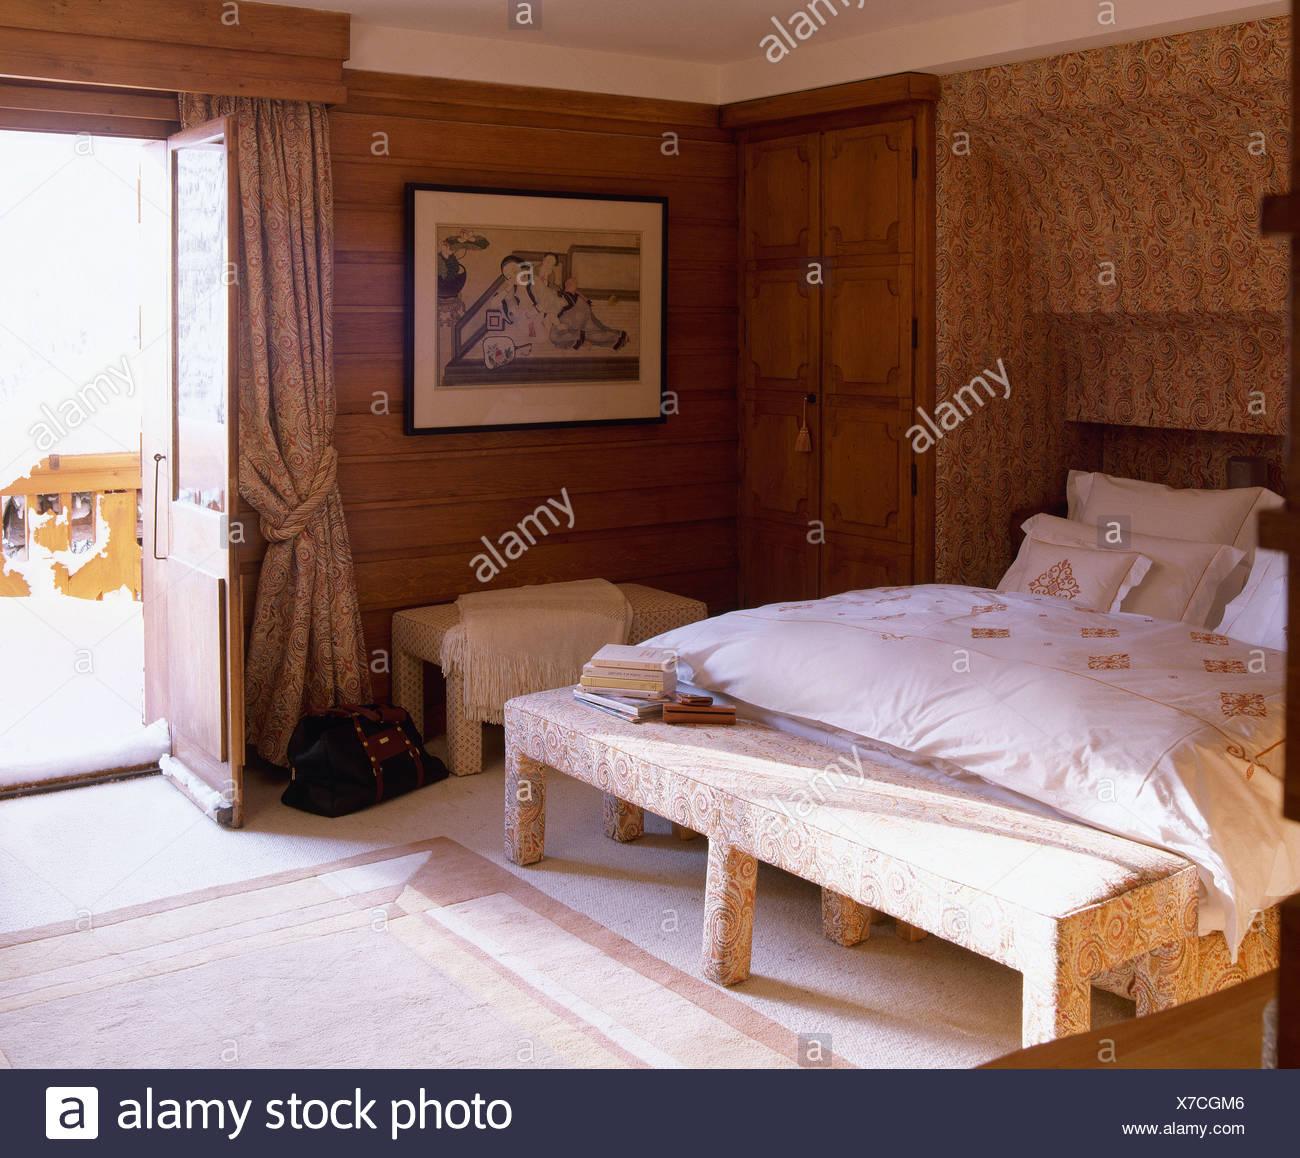 Panca imbottita sotto sedile letto con piumino color crema in ...